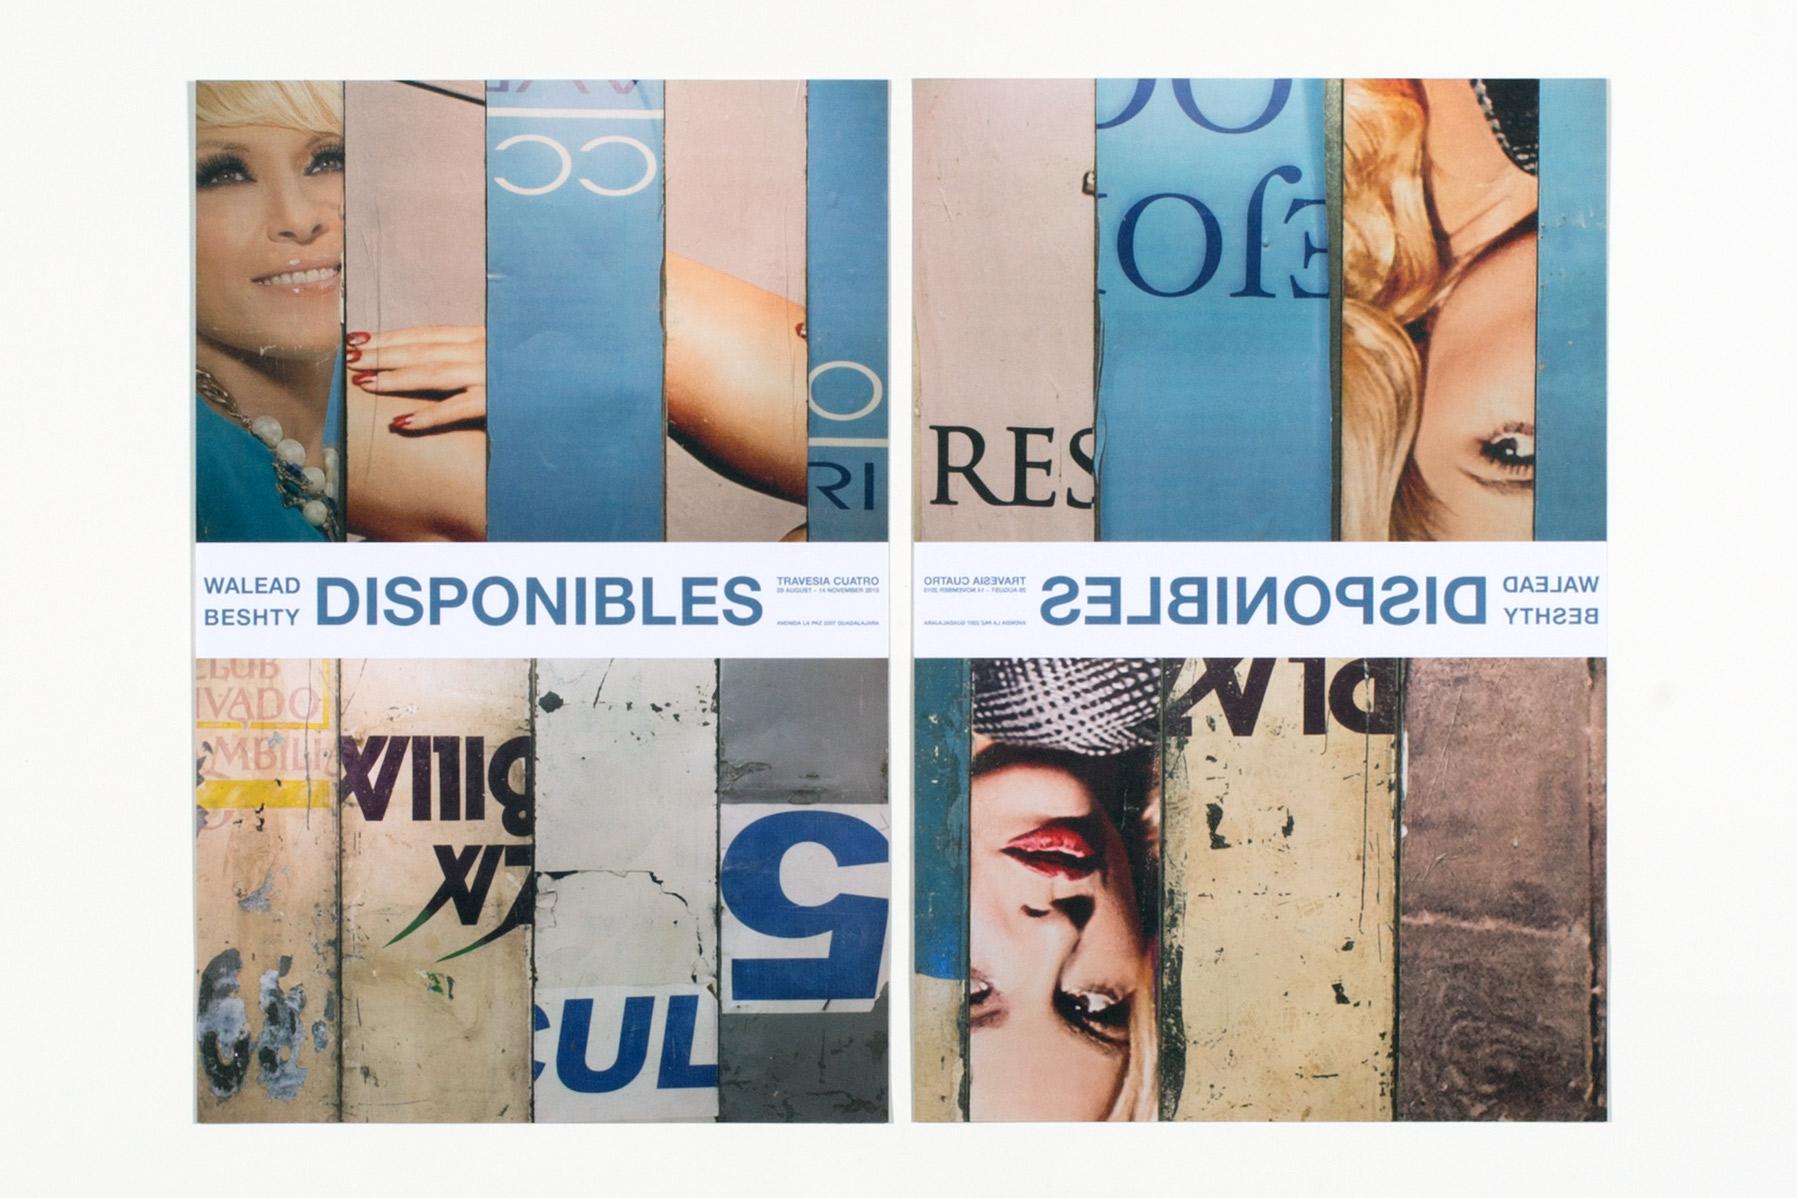 Disponibles poster   Travesía Cuatro  Guadalajara  Mexico  2015